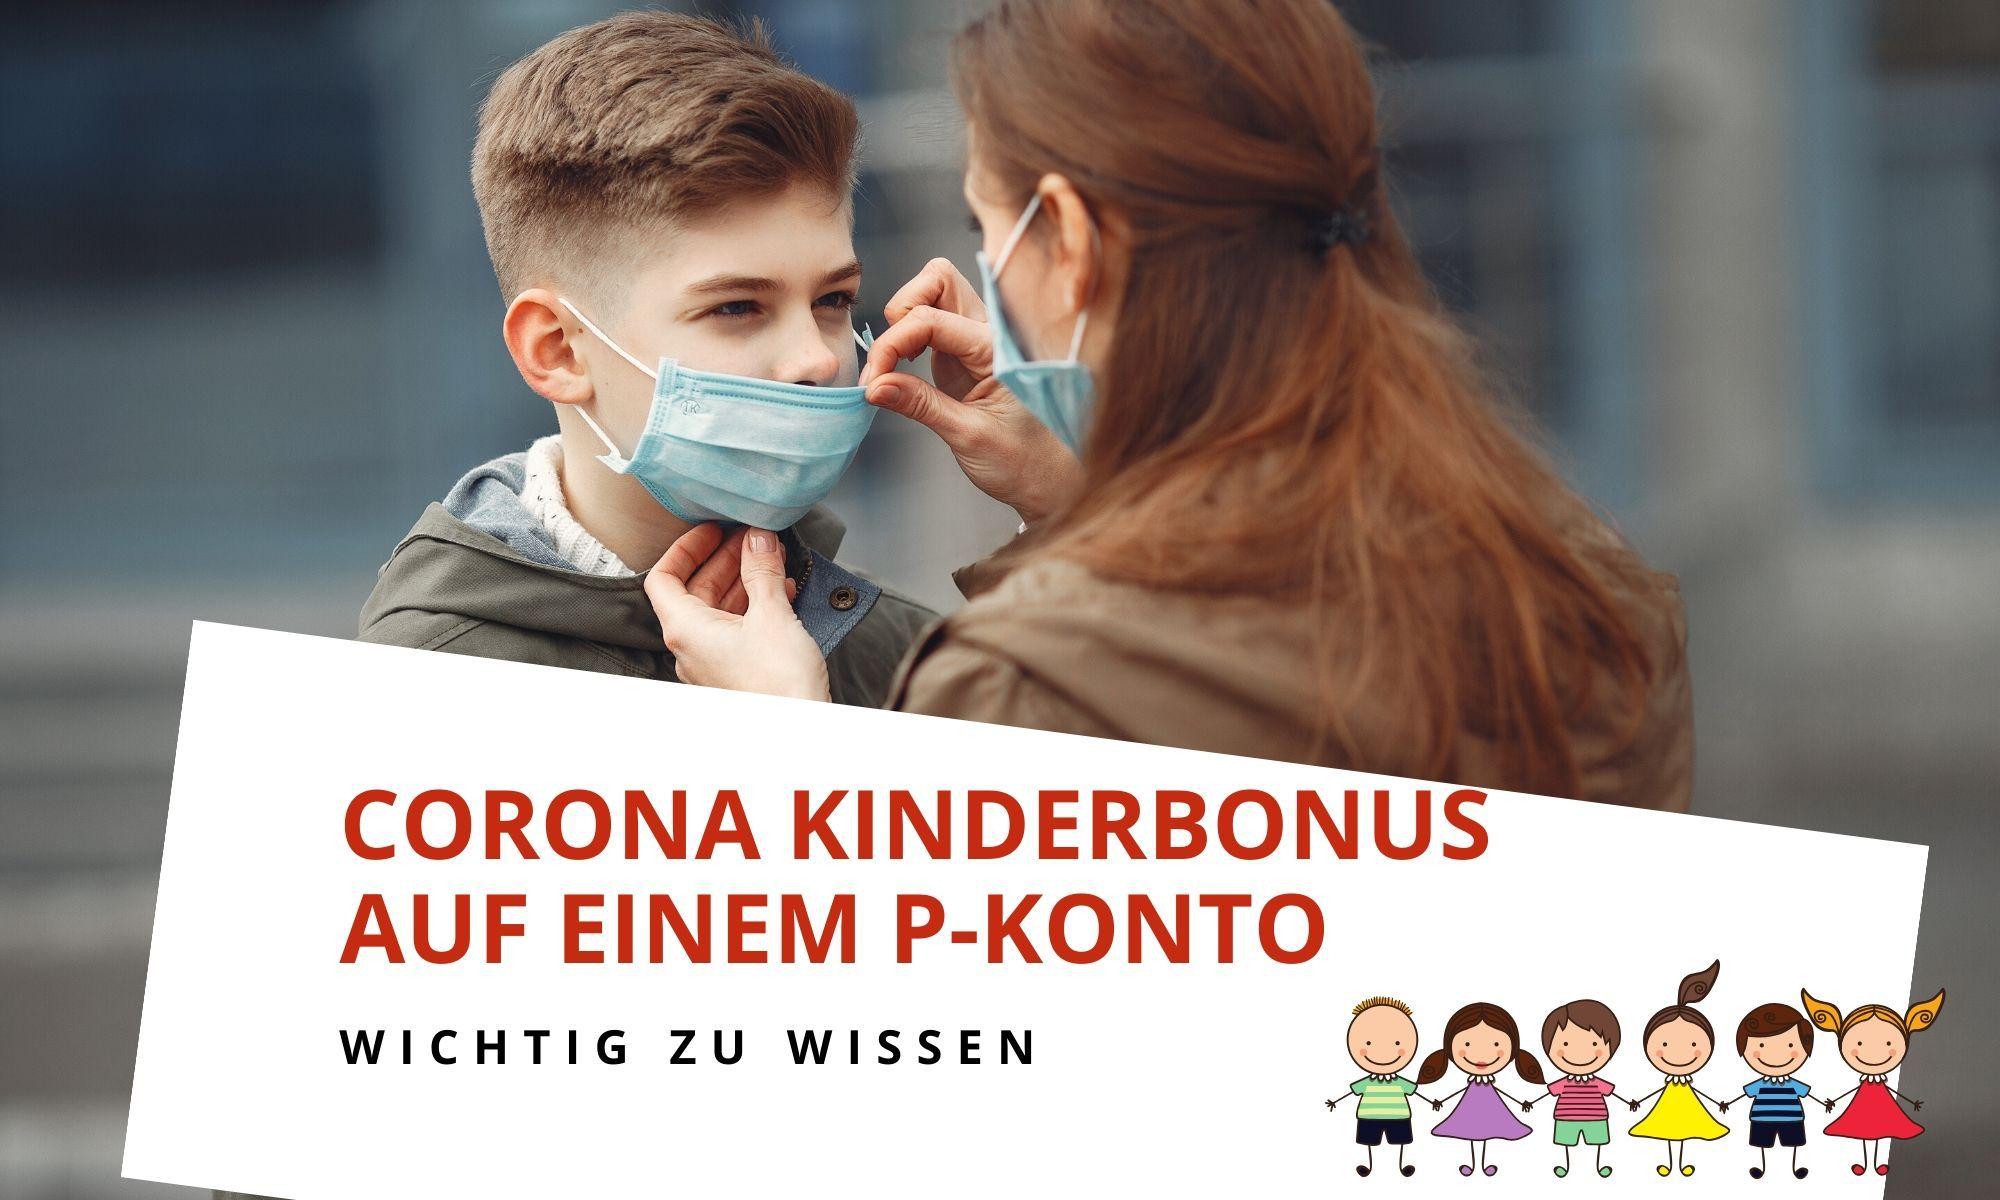 Corona-Kinderbonus und Kontopfändung auf einem P-Konto (Update 31.08.2020)